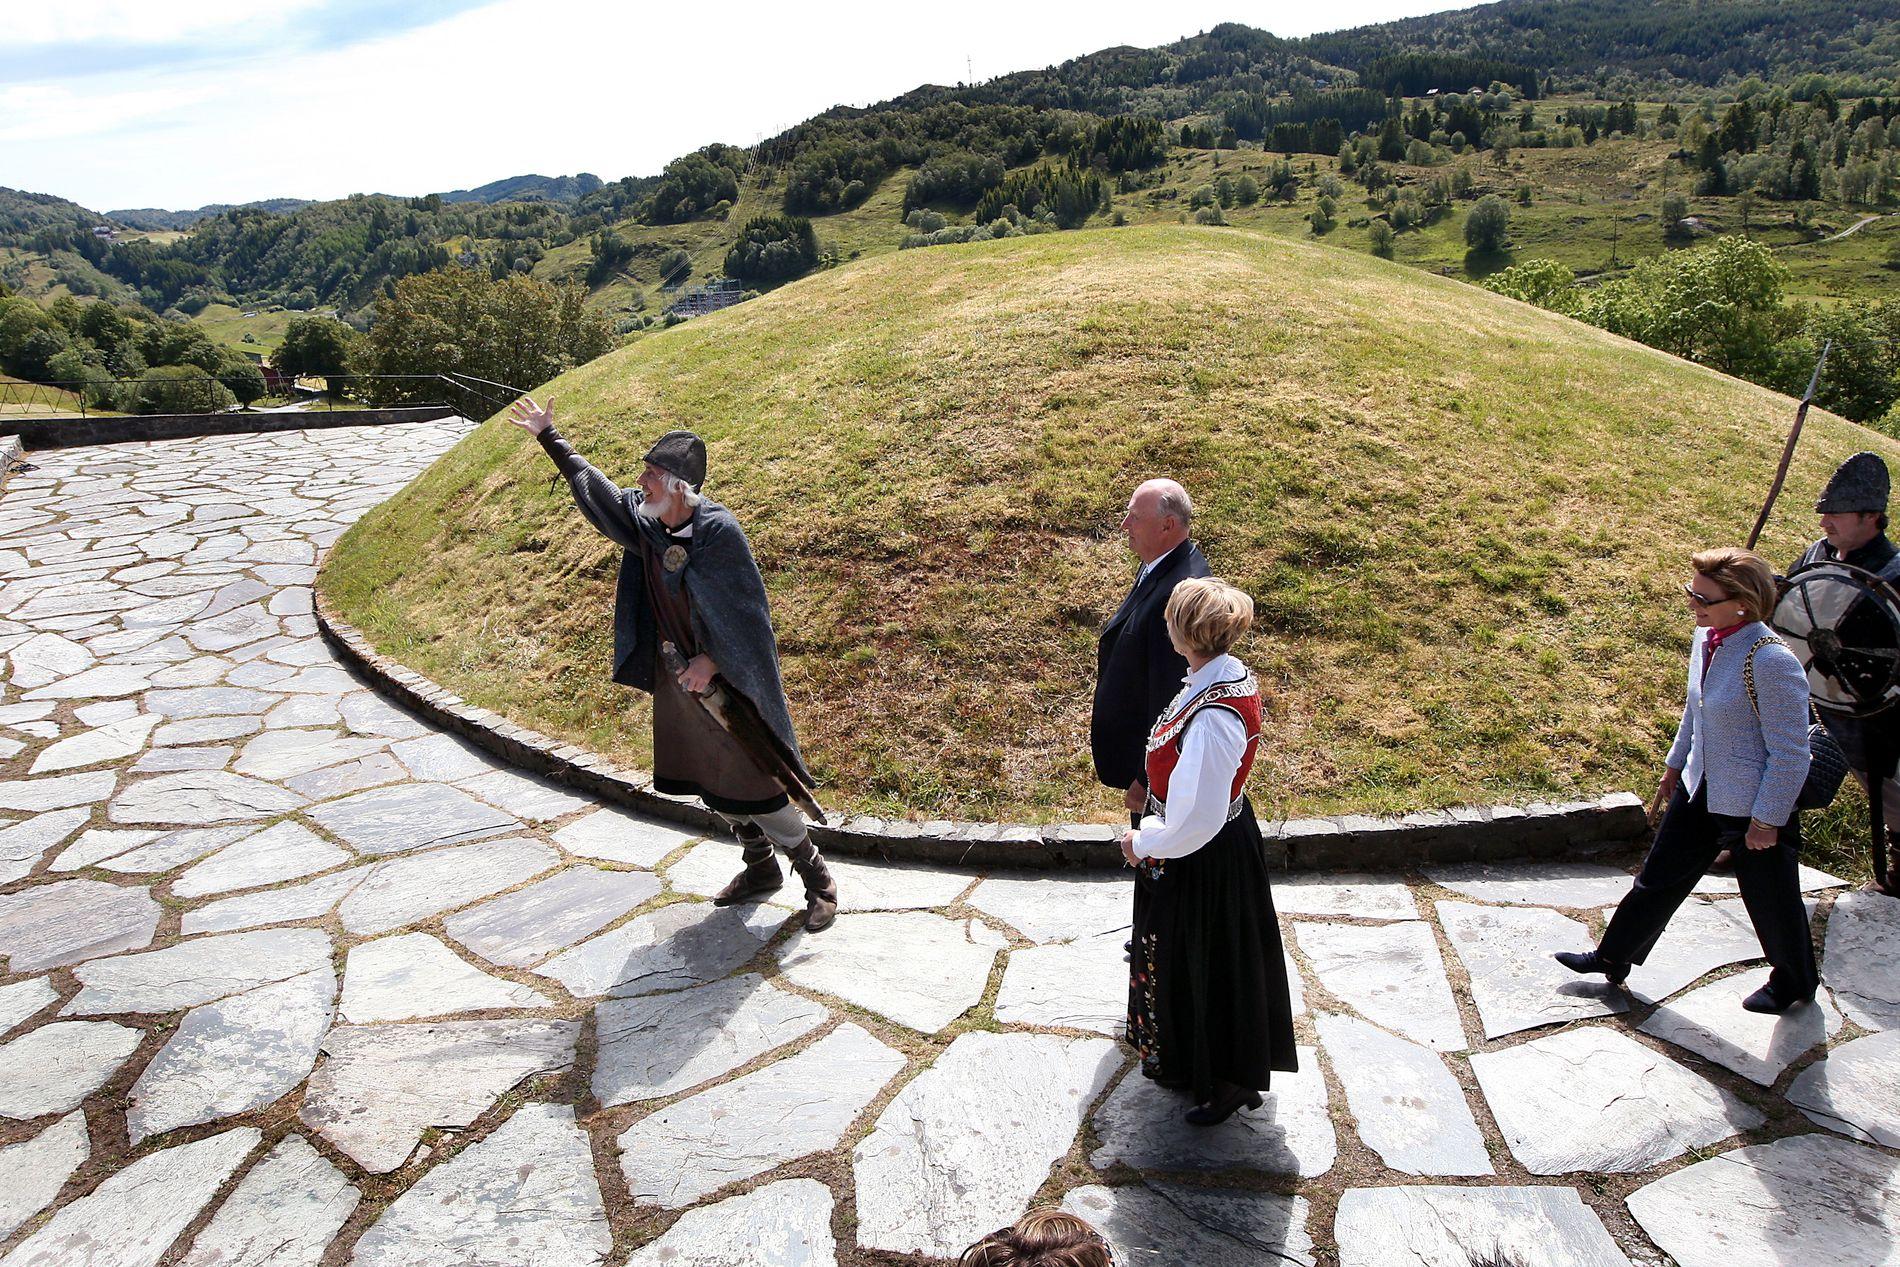 SEIM: Håkonshaugen på Seim, eit historisk gravminne etter Håkon den Gode. Her under eit besøk frå kongeparet i 2009.